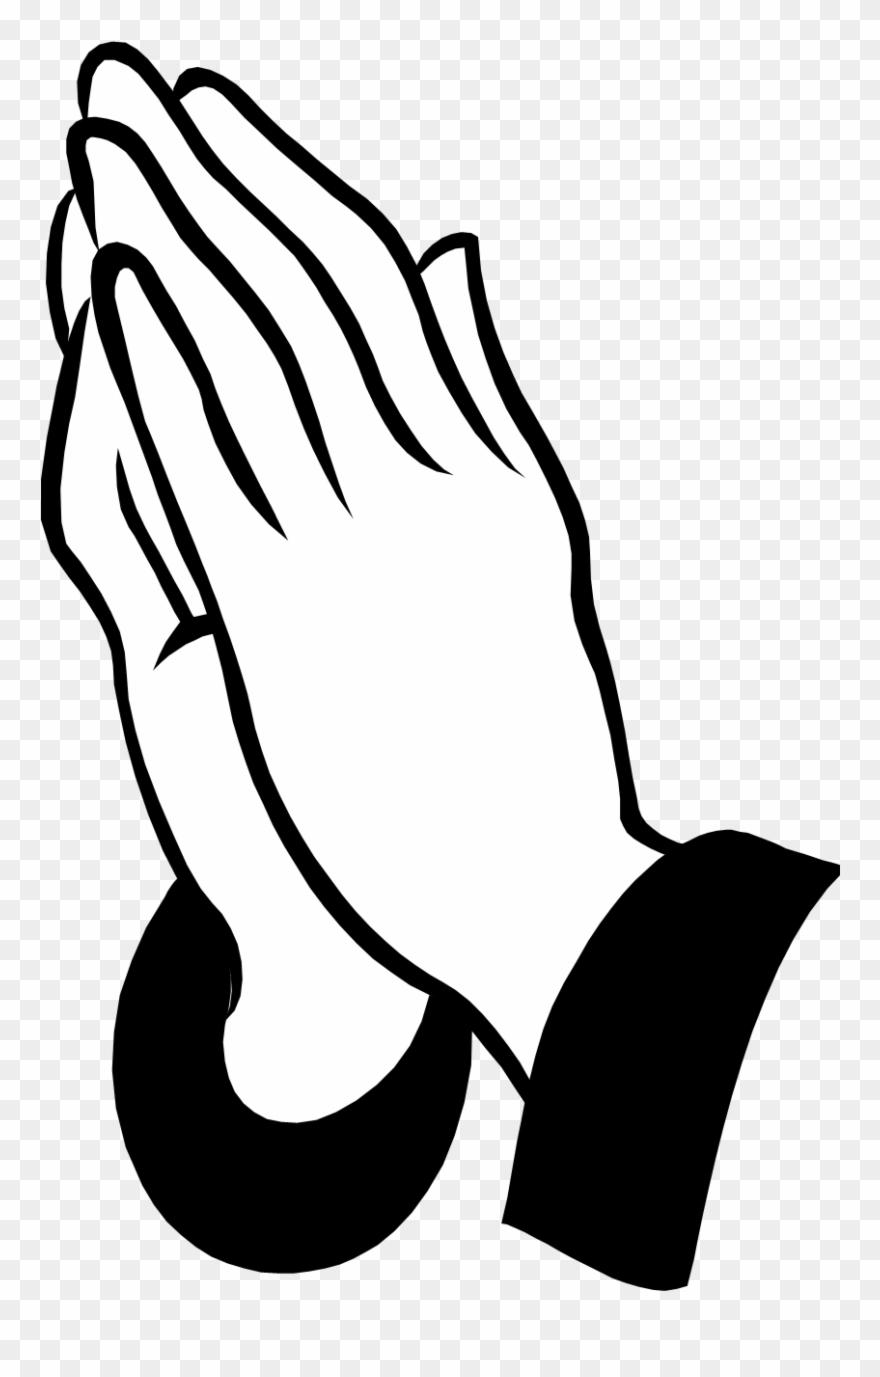 Hands clipart prayer. Pray request praying pillow